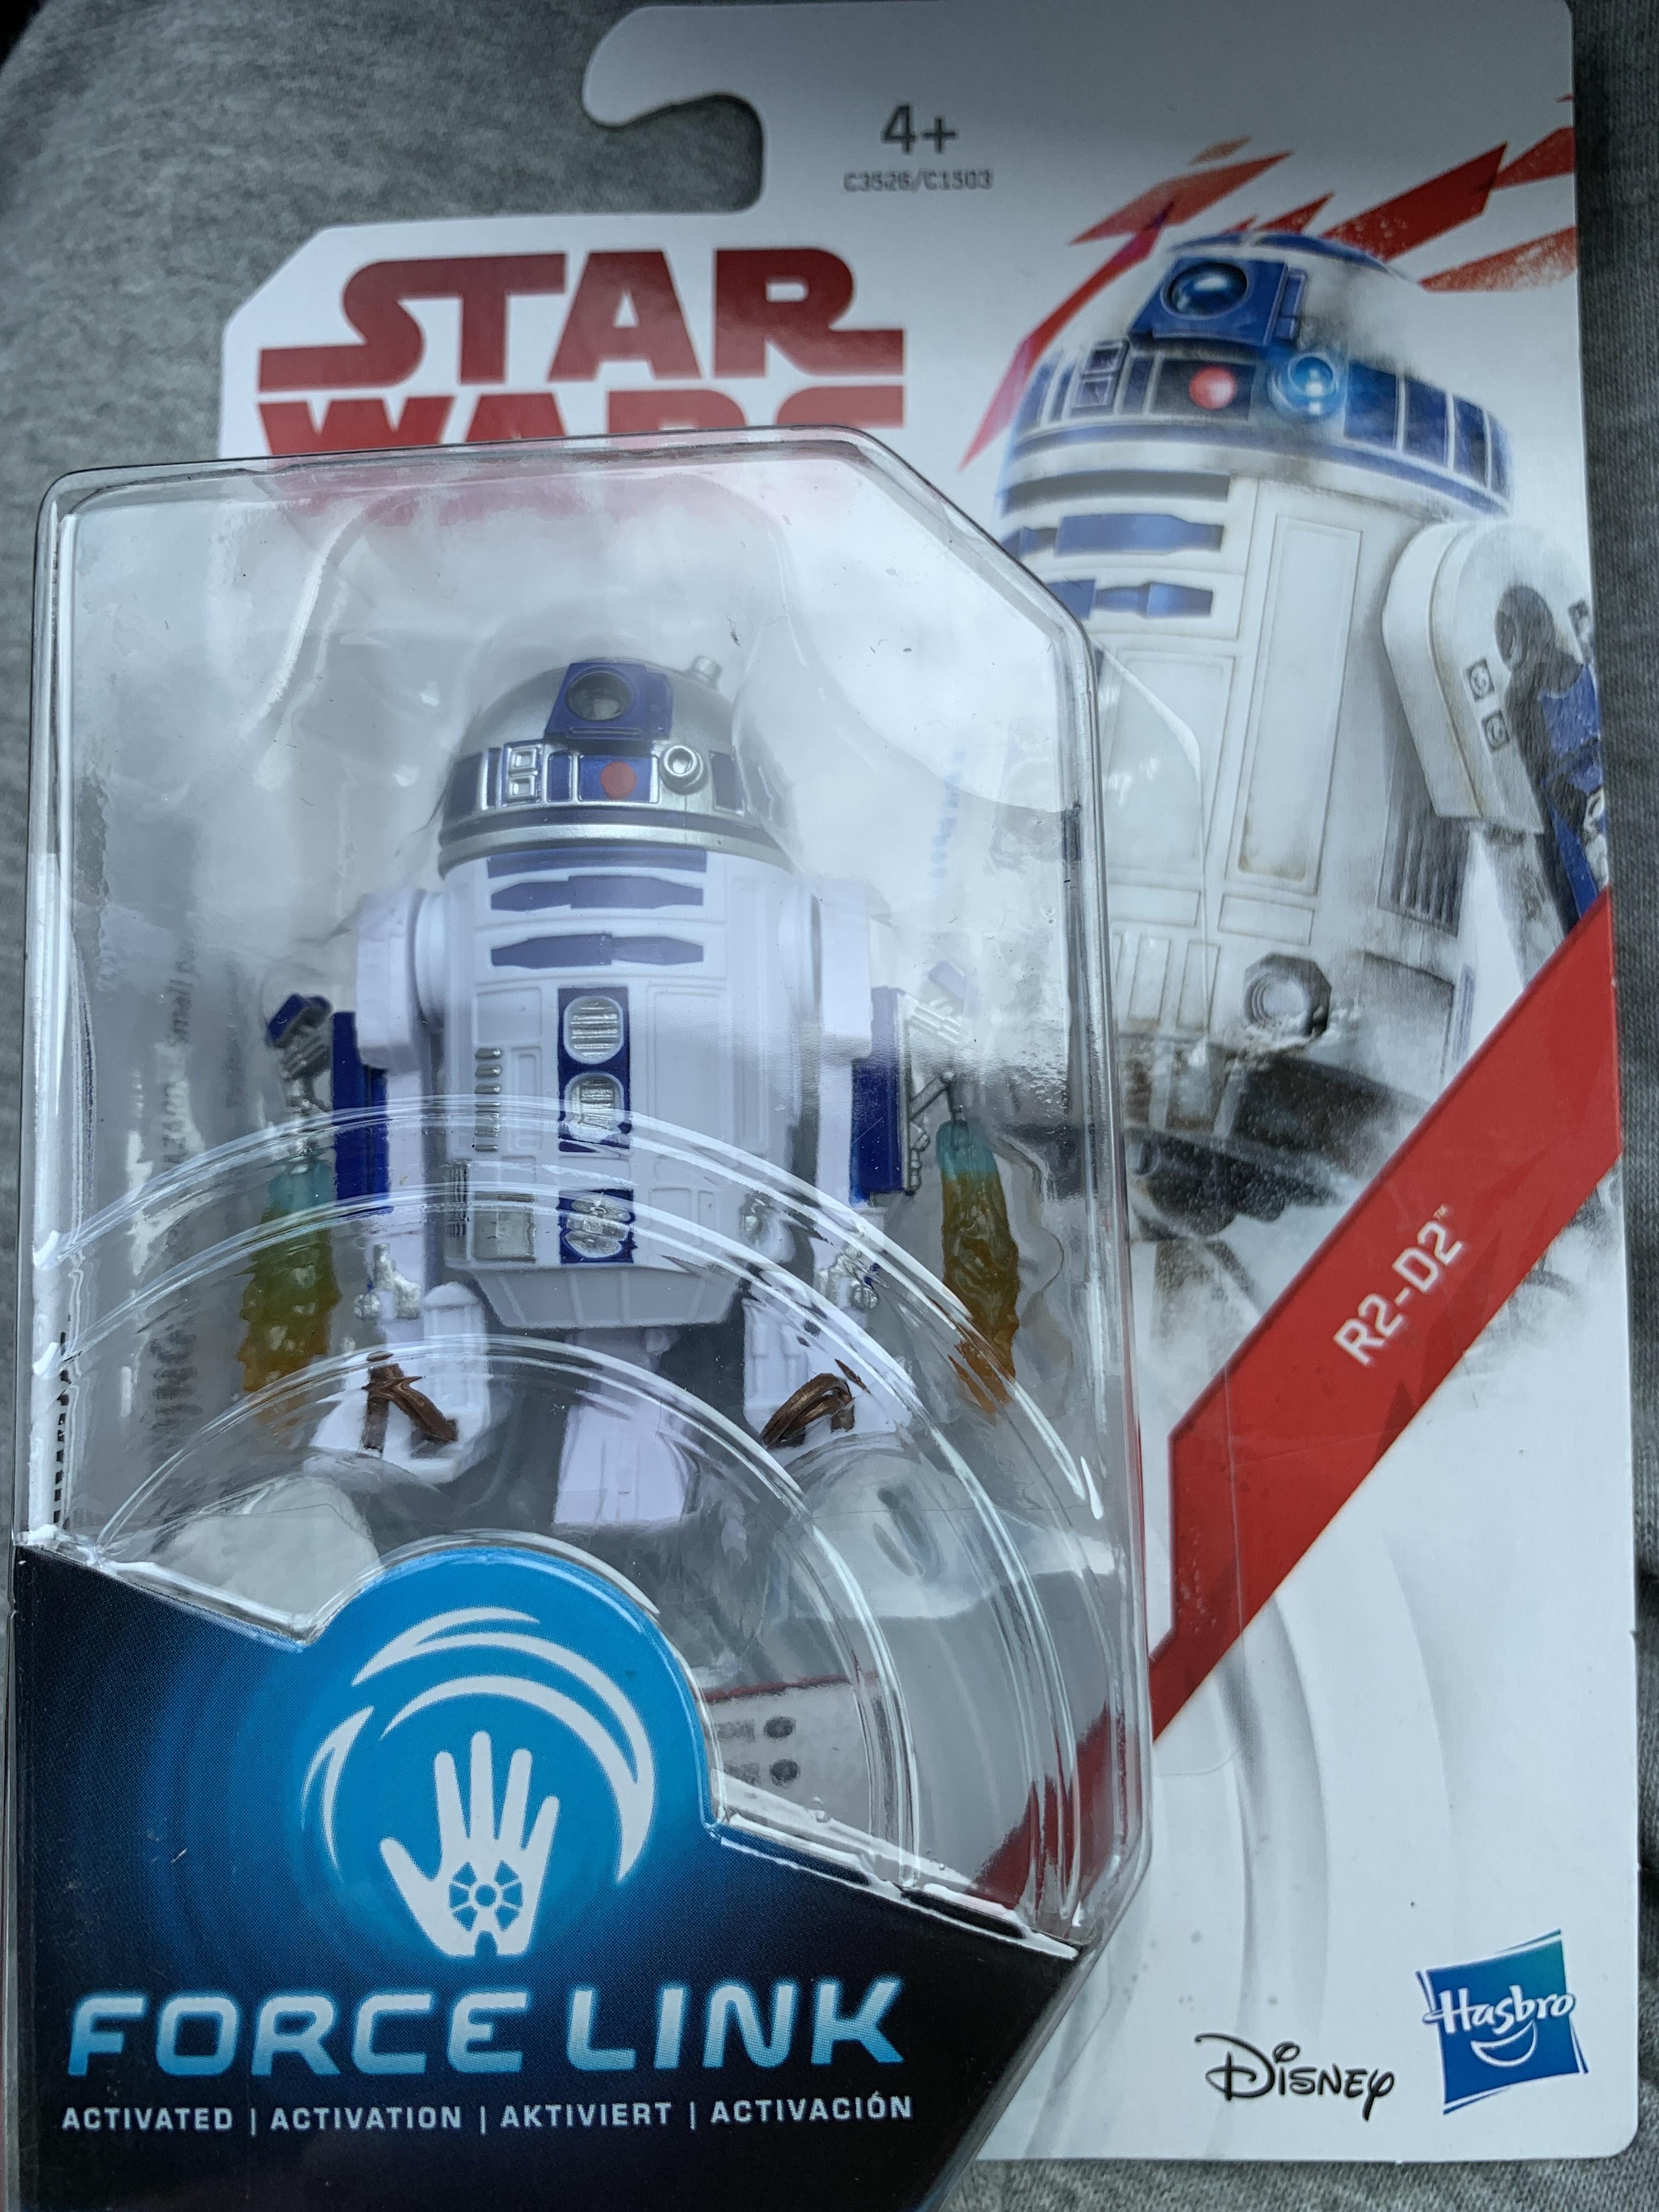 Star Wars force link - £2 at Poundland Cornwall